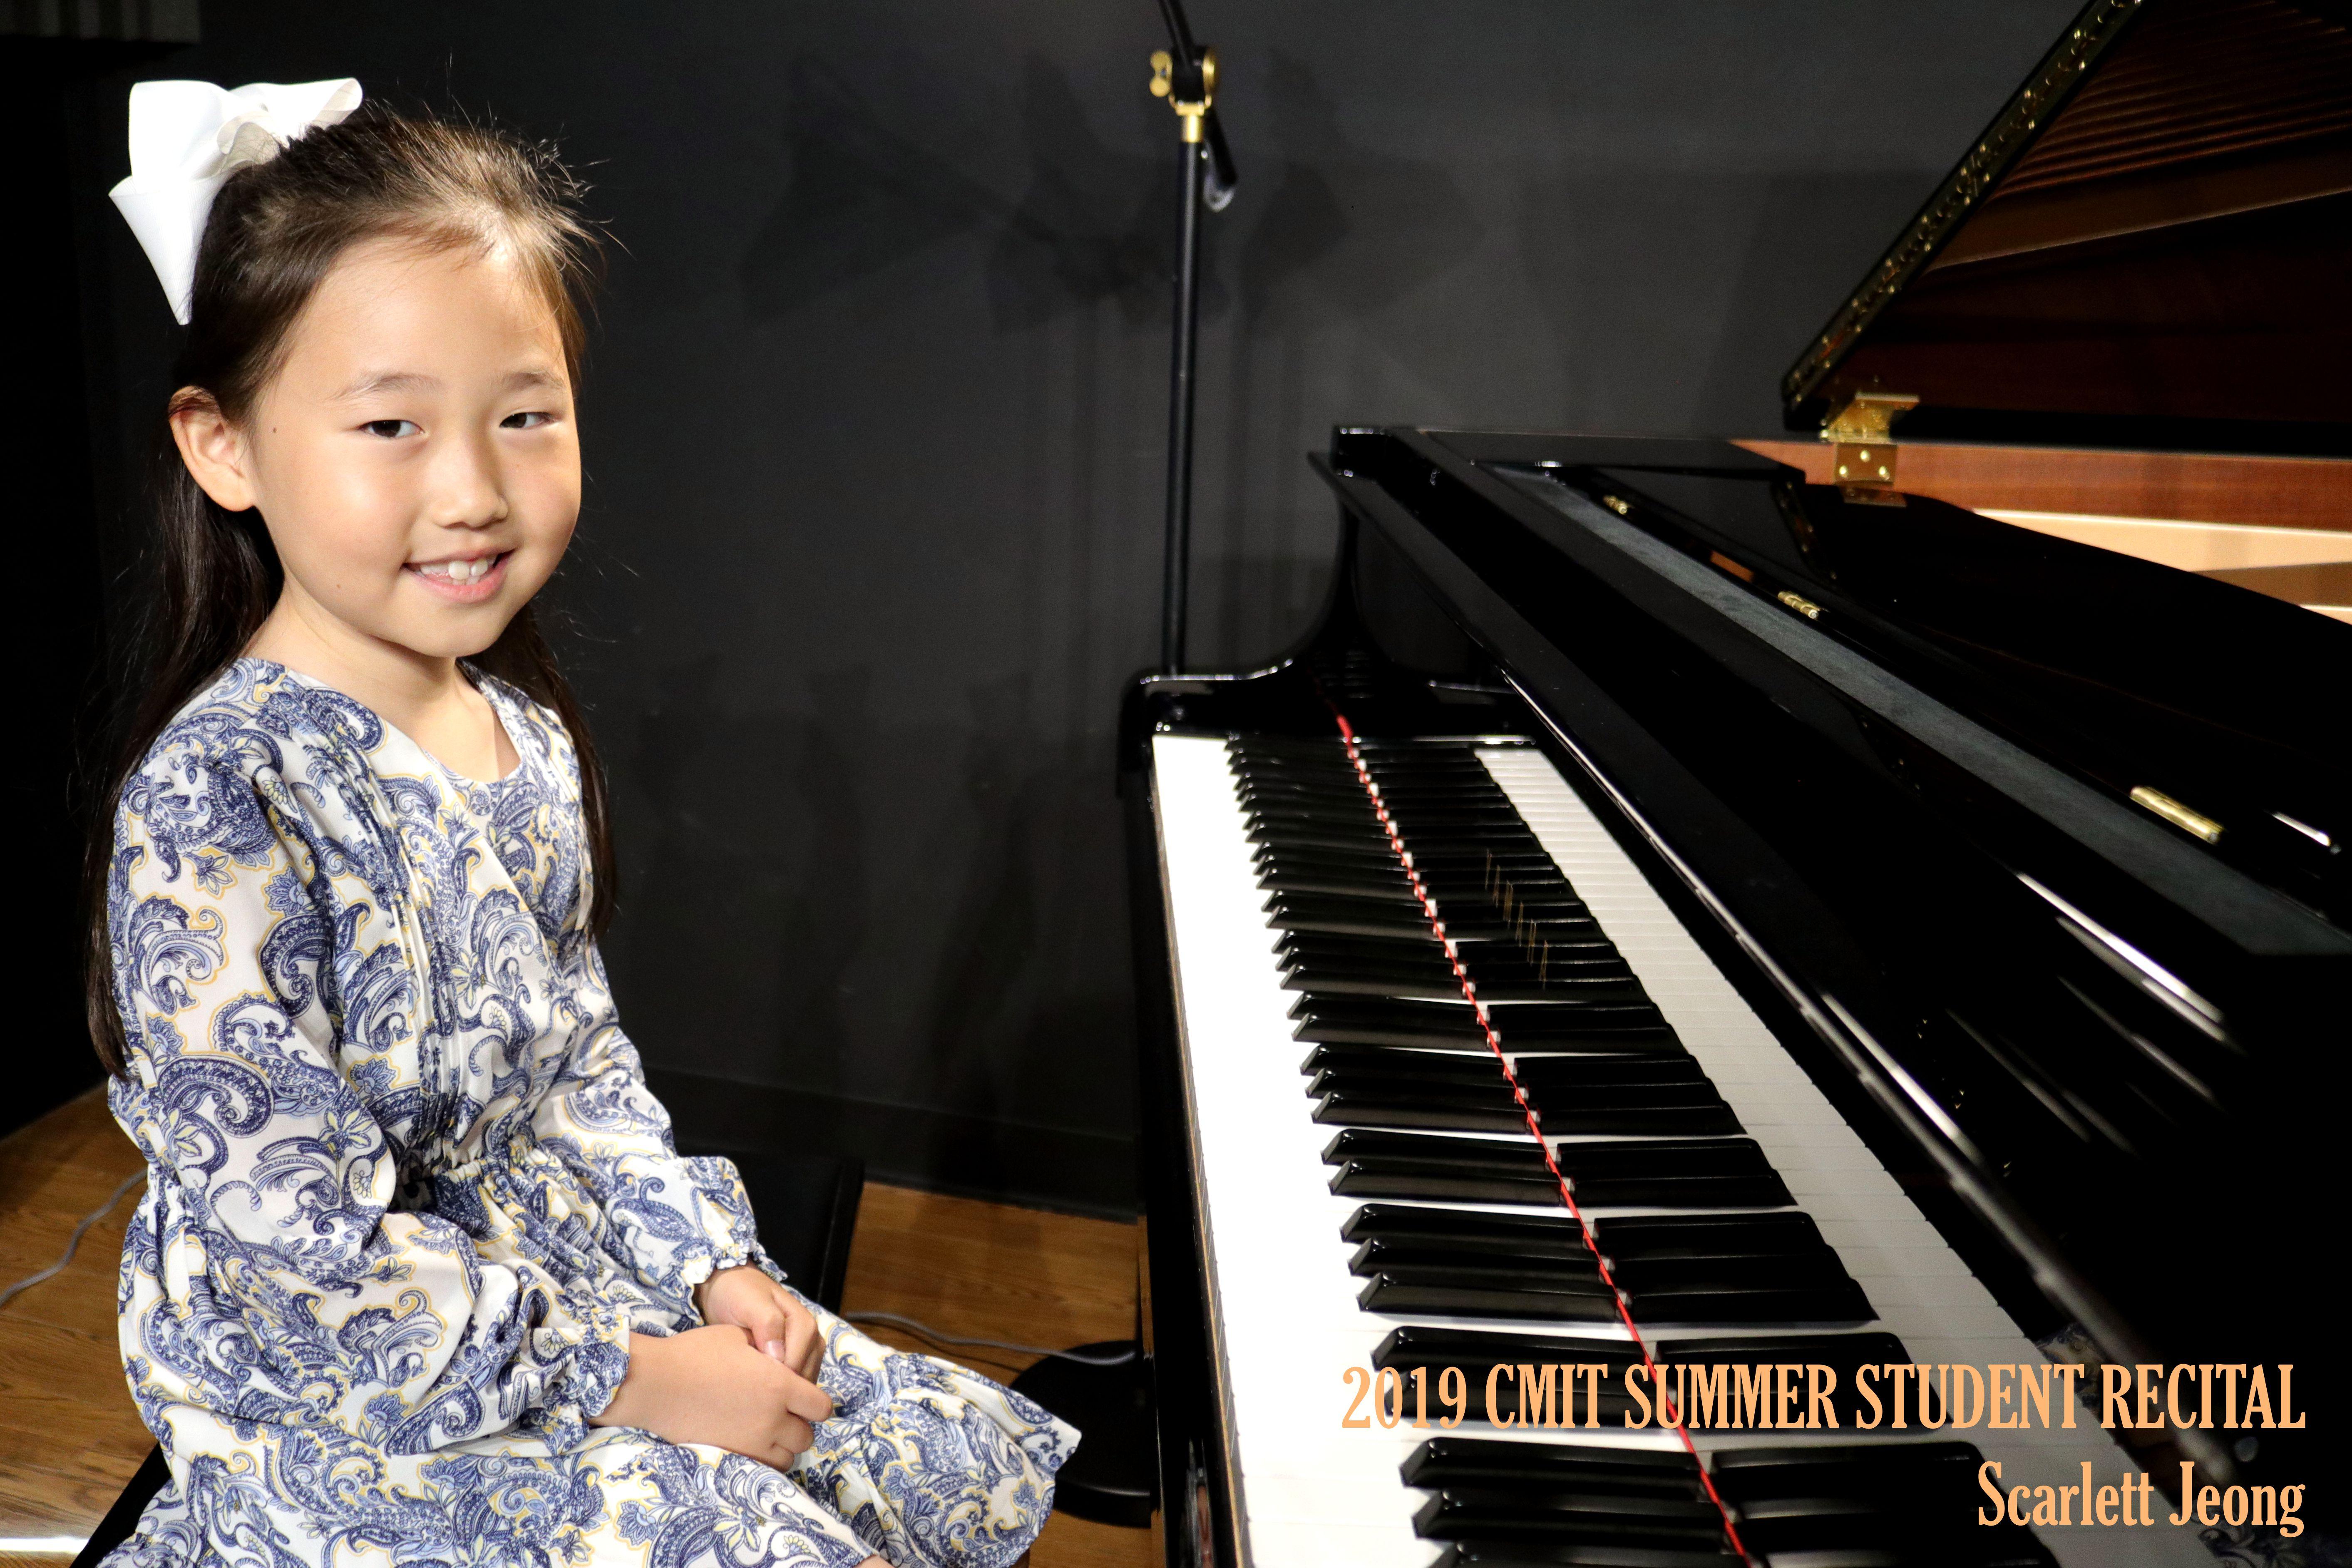 01-1 Scarlett Jeong